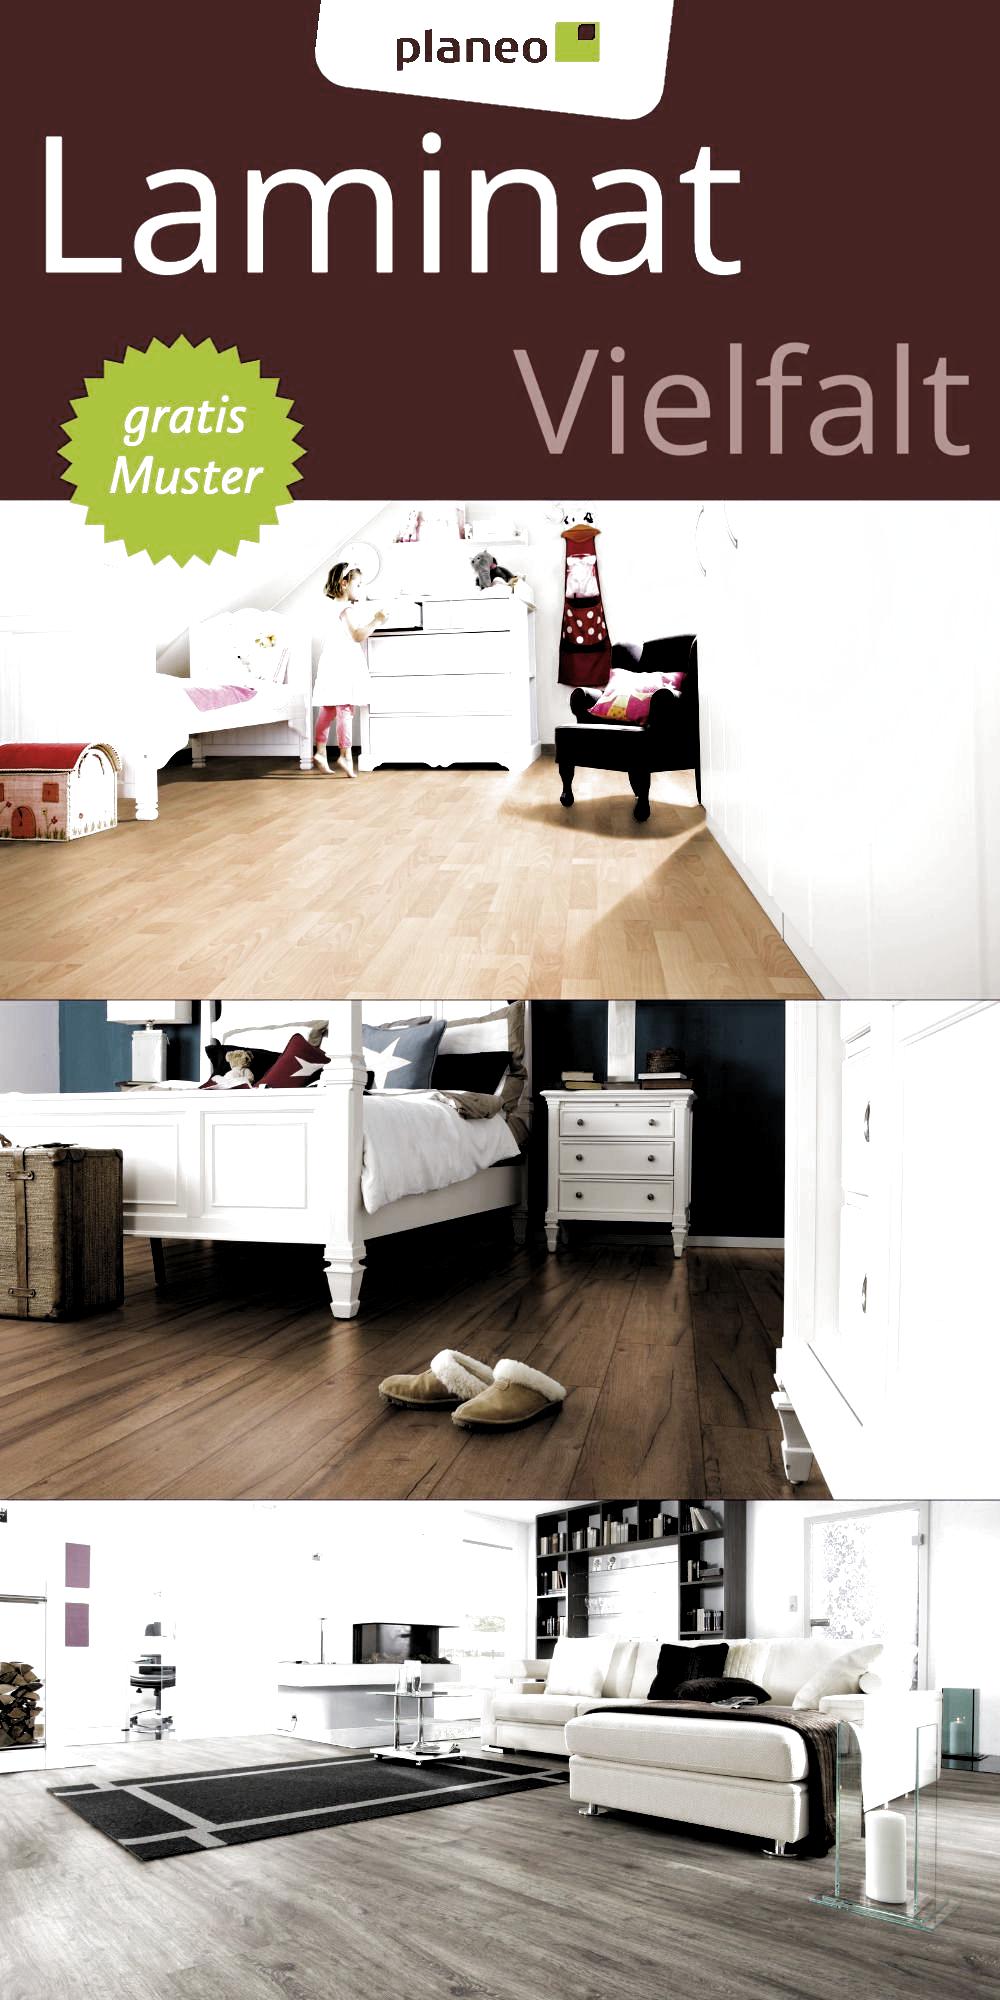 Laminat Laminatboden - Viele Ideen für deinen Boden, wähle zwischen Holzoptik, Fliesenoptik u.v.m. - Es lässt sich ganz einfach selbst verlegen - Wir bieten diesen Bodenbelag in verschiedenen Stärken, Optiken, Nutzungsklassen, Verlegeoptiken und Farben - Ob für das Wohnzimmer, Schlafzimmer, Kinderzimmer oder ein anderes Zimmer, hier findest du deinen Wunschboden - Finde jetzt deinen Favoriten und bestelle dir bis zu 7 kostenlose Muster!  #laminat #laminatboden #boden #renovieren #wohnung #wohnen